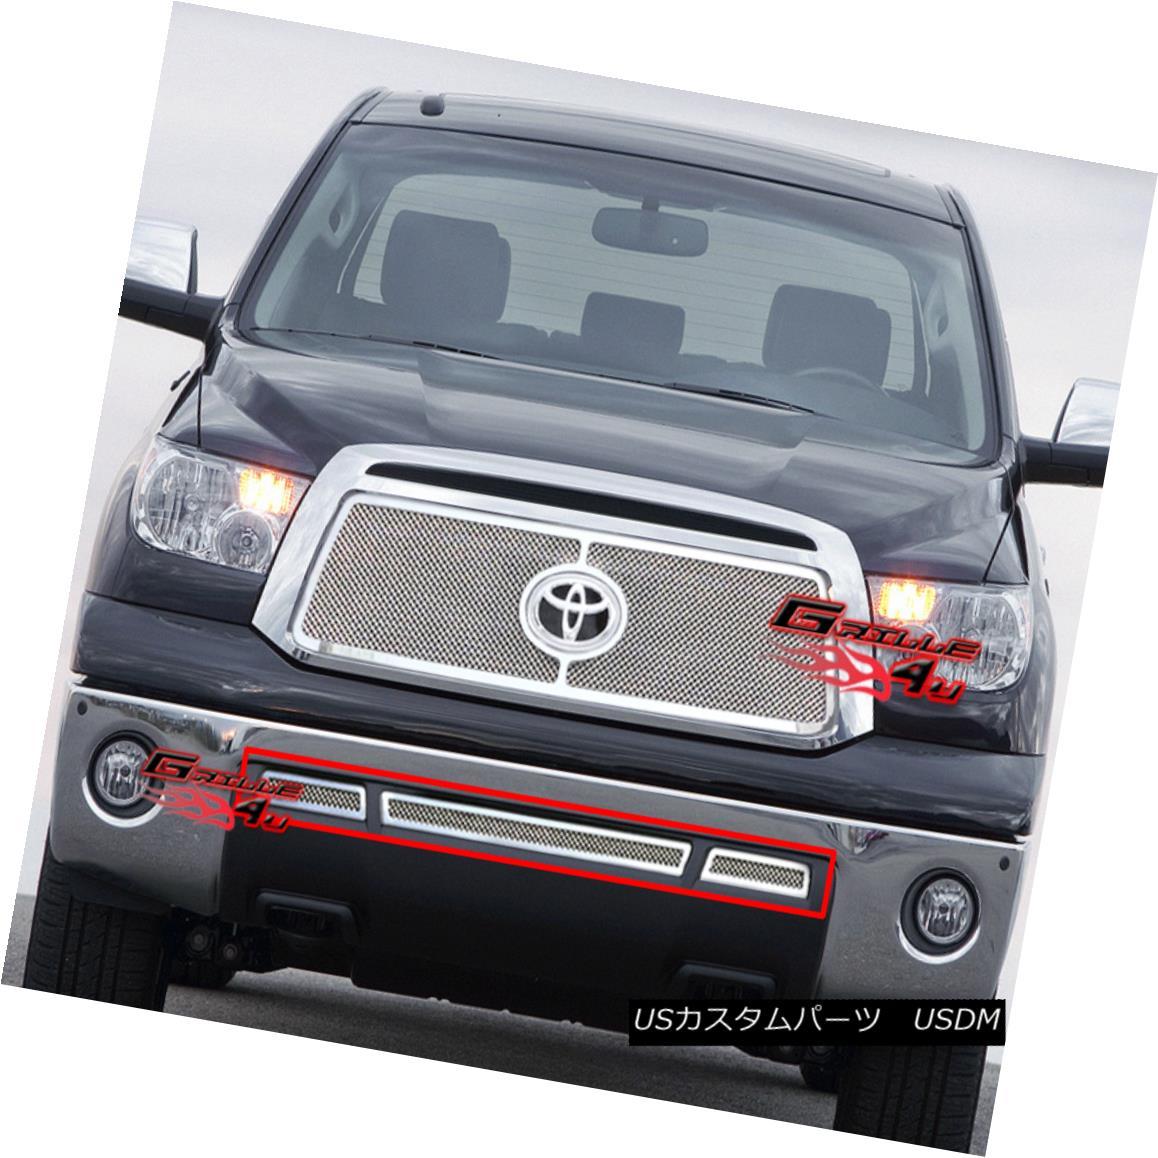 グリル Fits 2010-2013 Toyota Tundra Stainless Steel Mesh Grille Grill Insert フィット2010-2013トヨタトンドラステンレスメッシュグリルグリルインサート